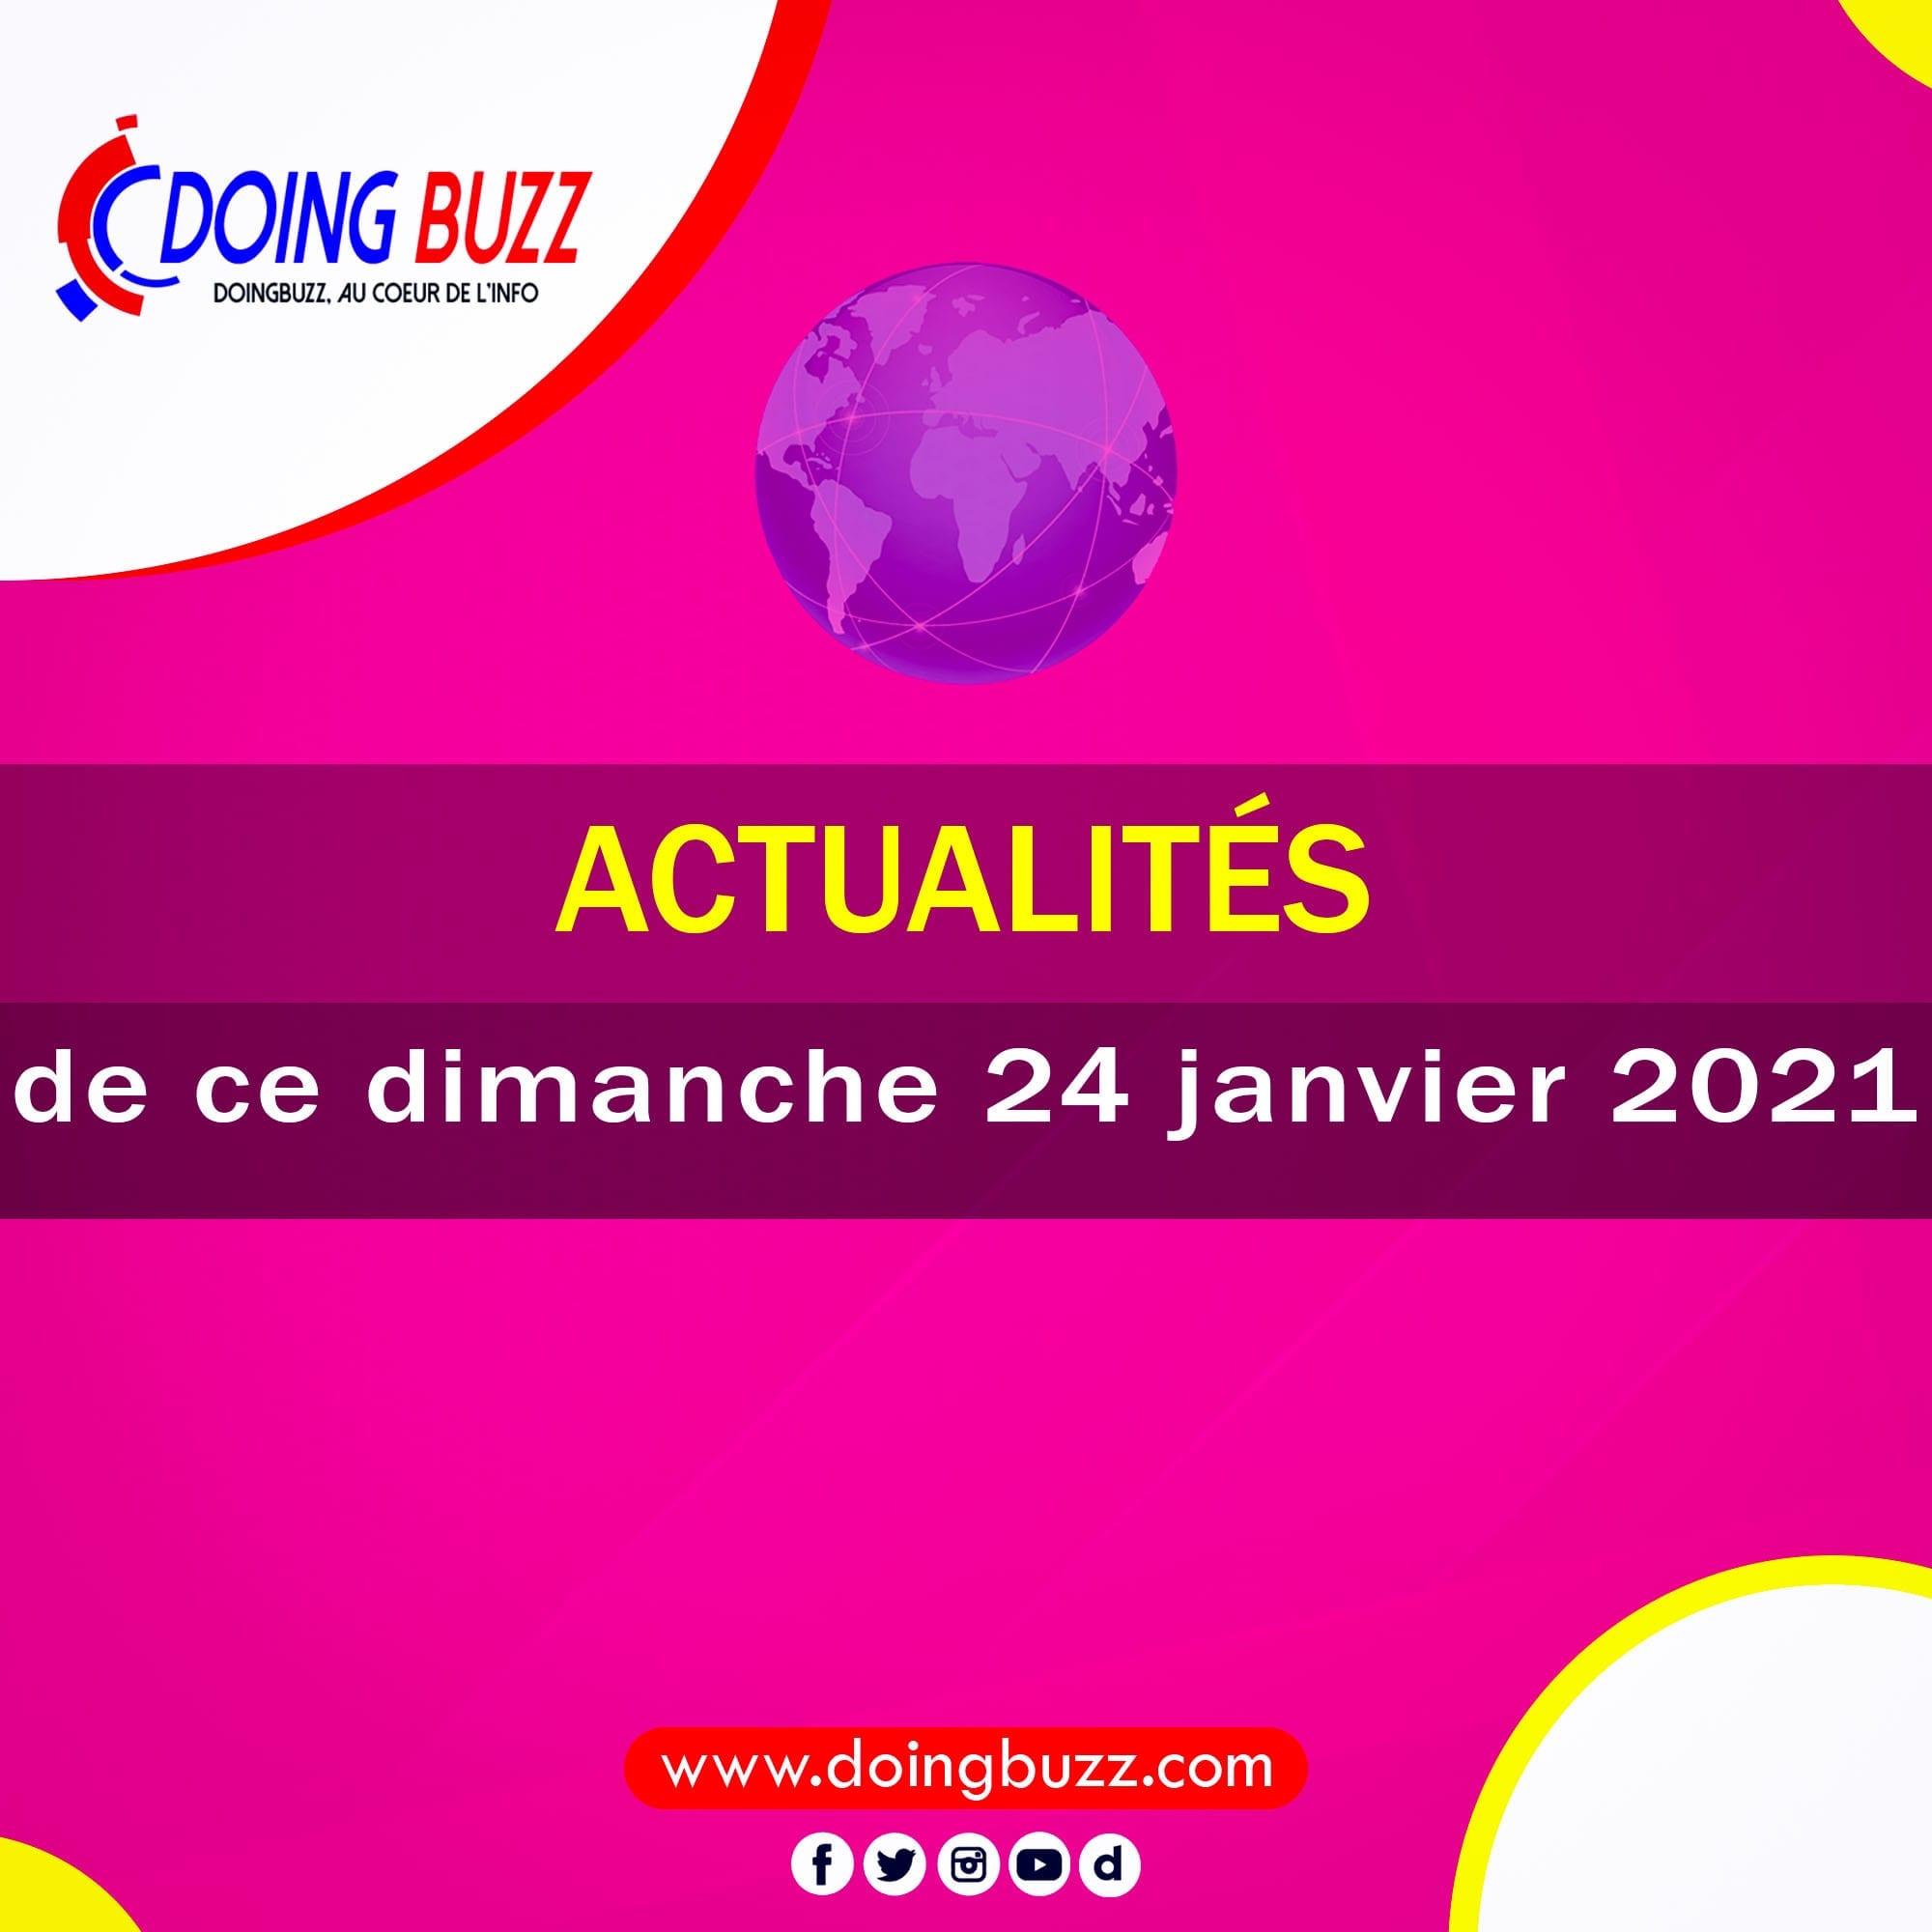 Actualités du jour sur Doingbuzz: Dimanche le 25 Janvier 2021